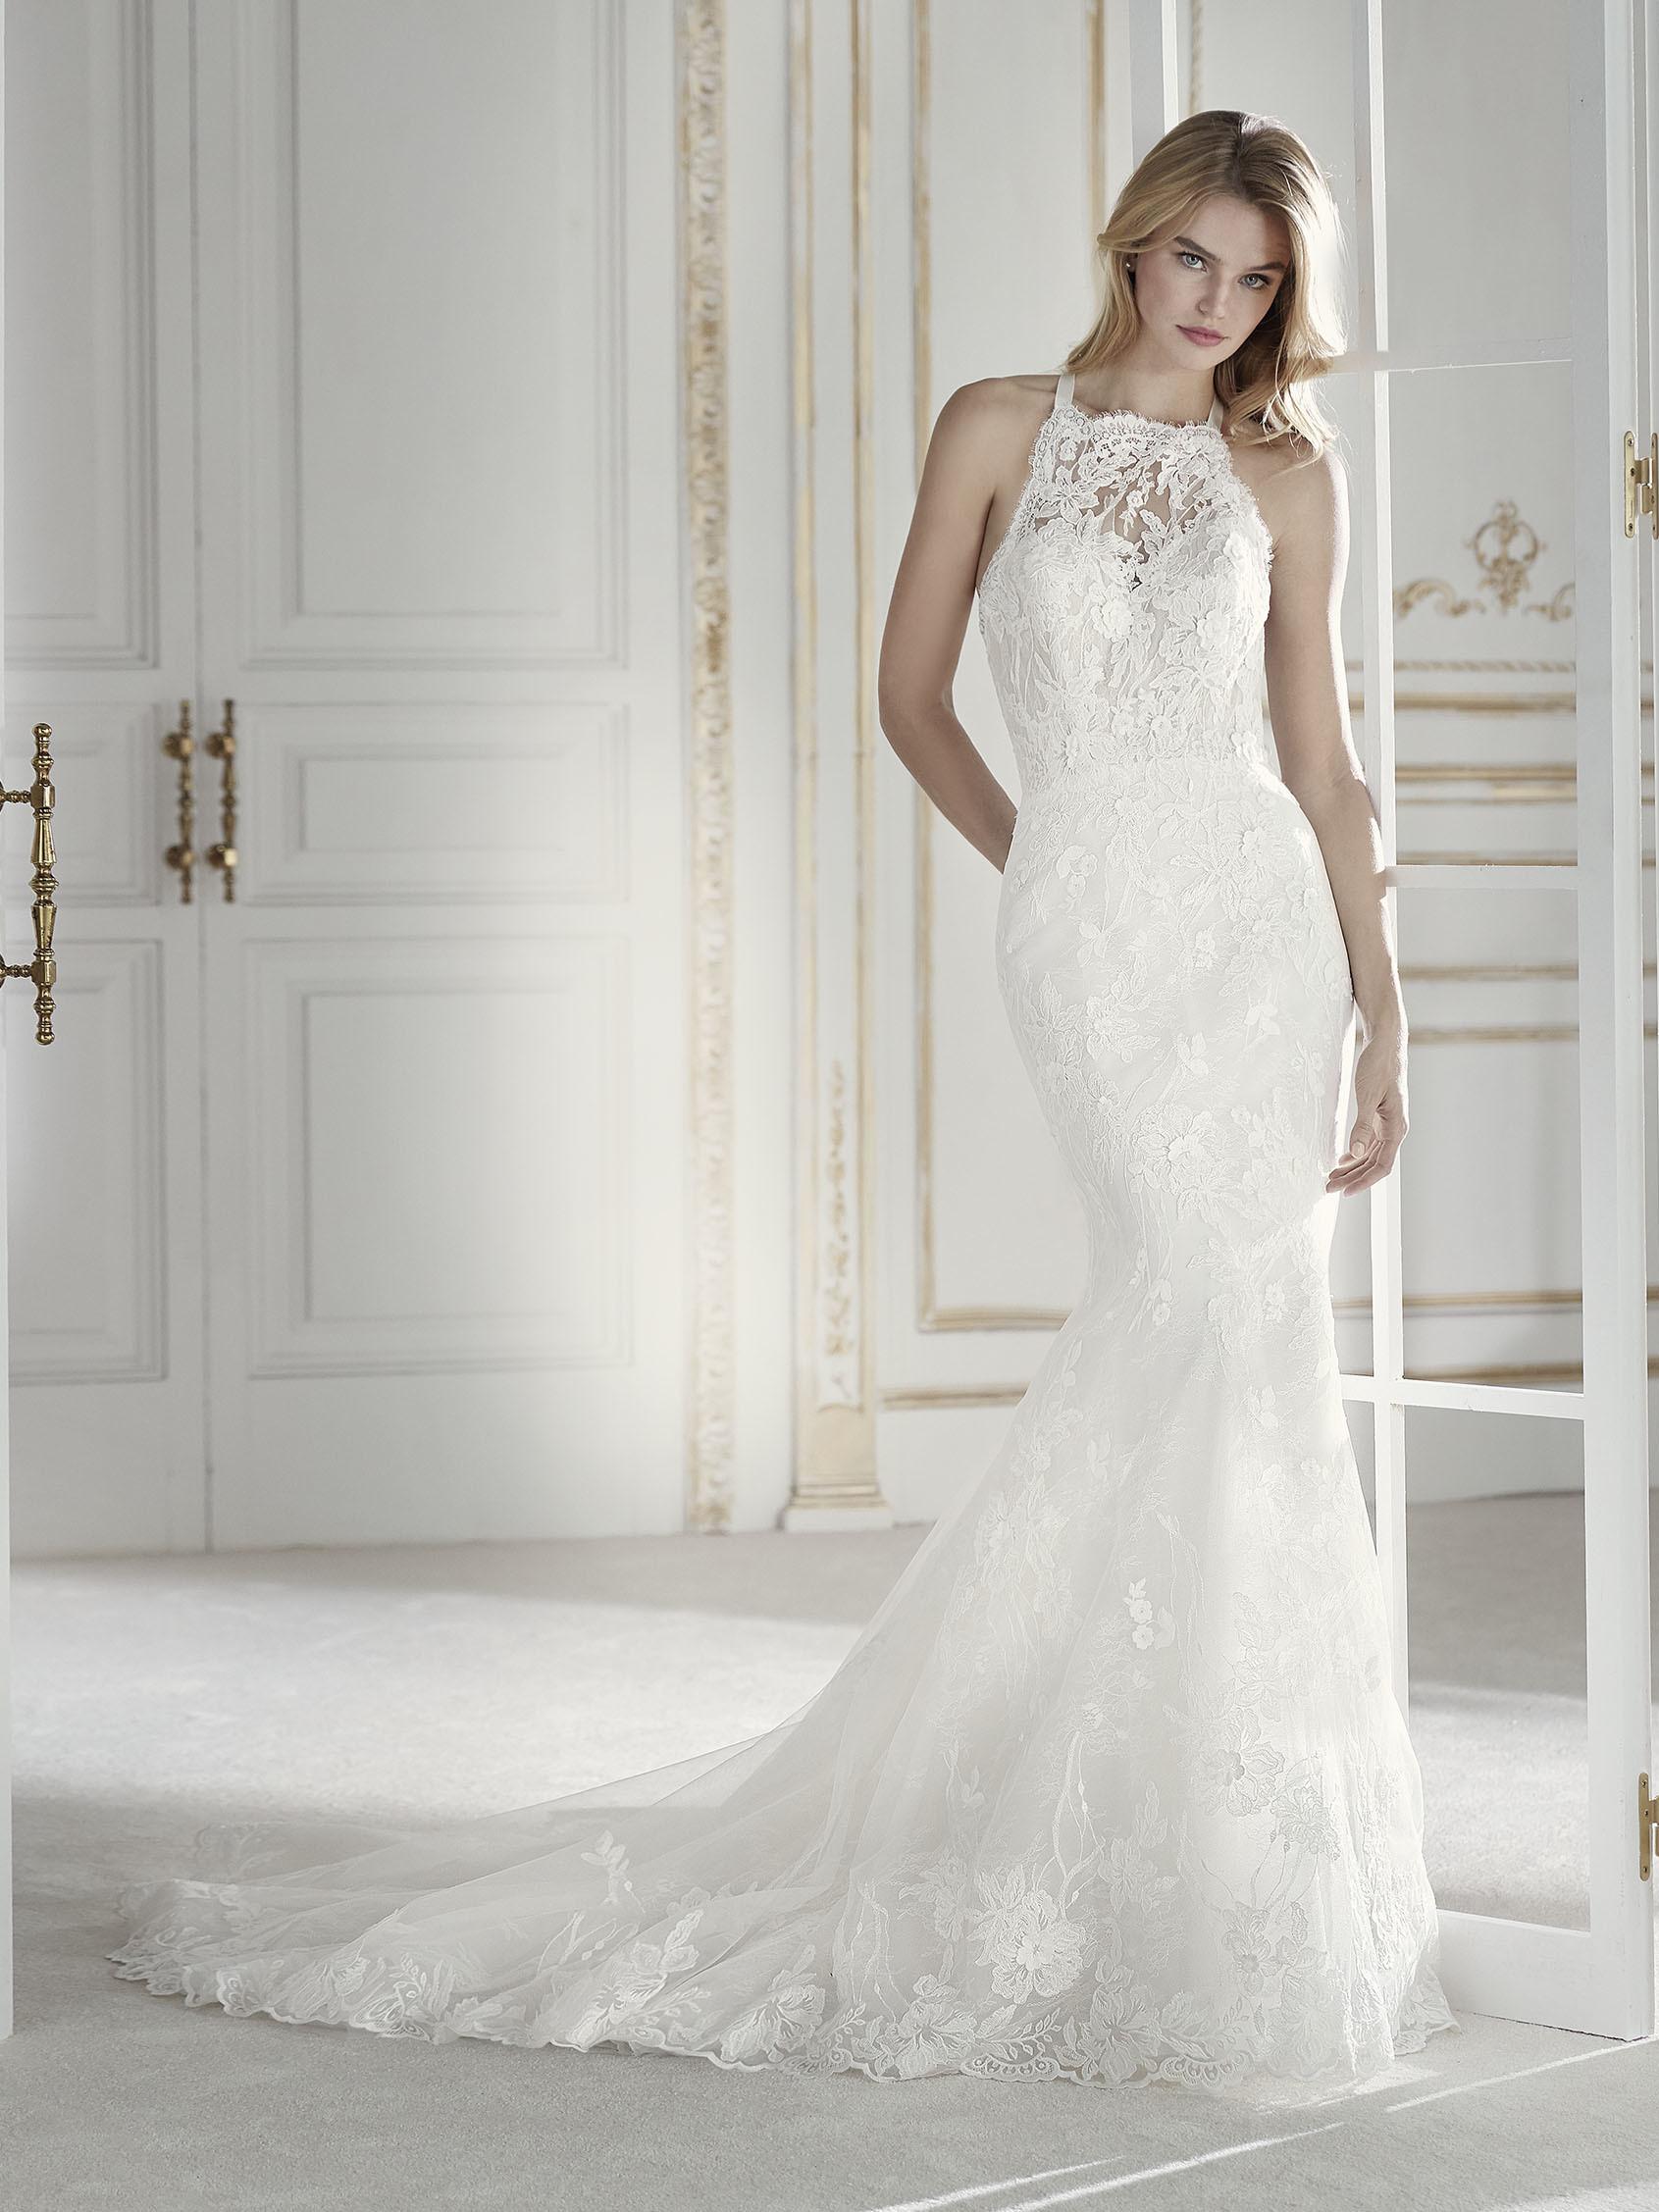 Imagenes de vestidos de novia cuello halter